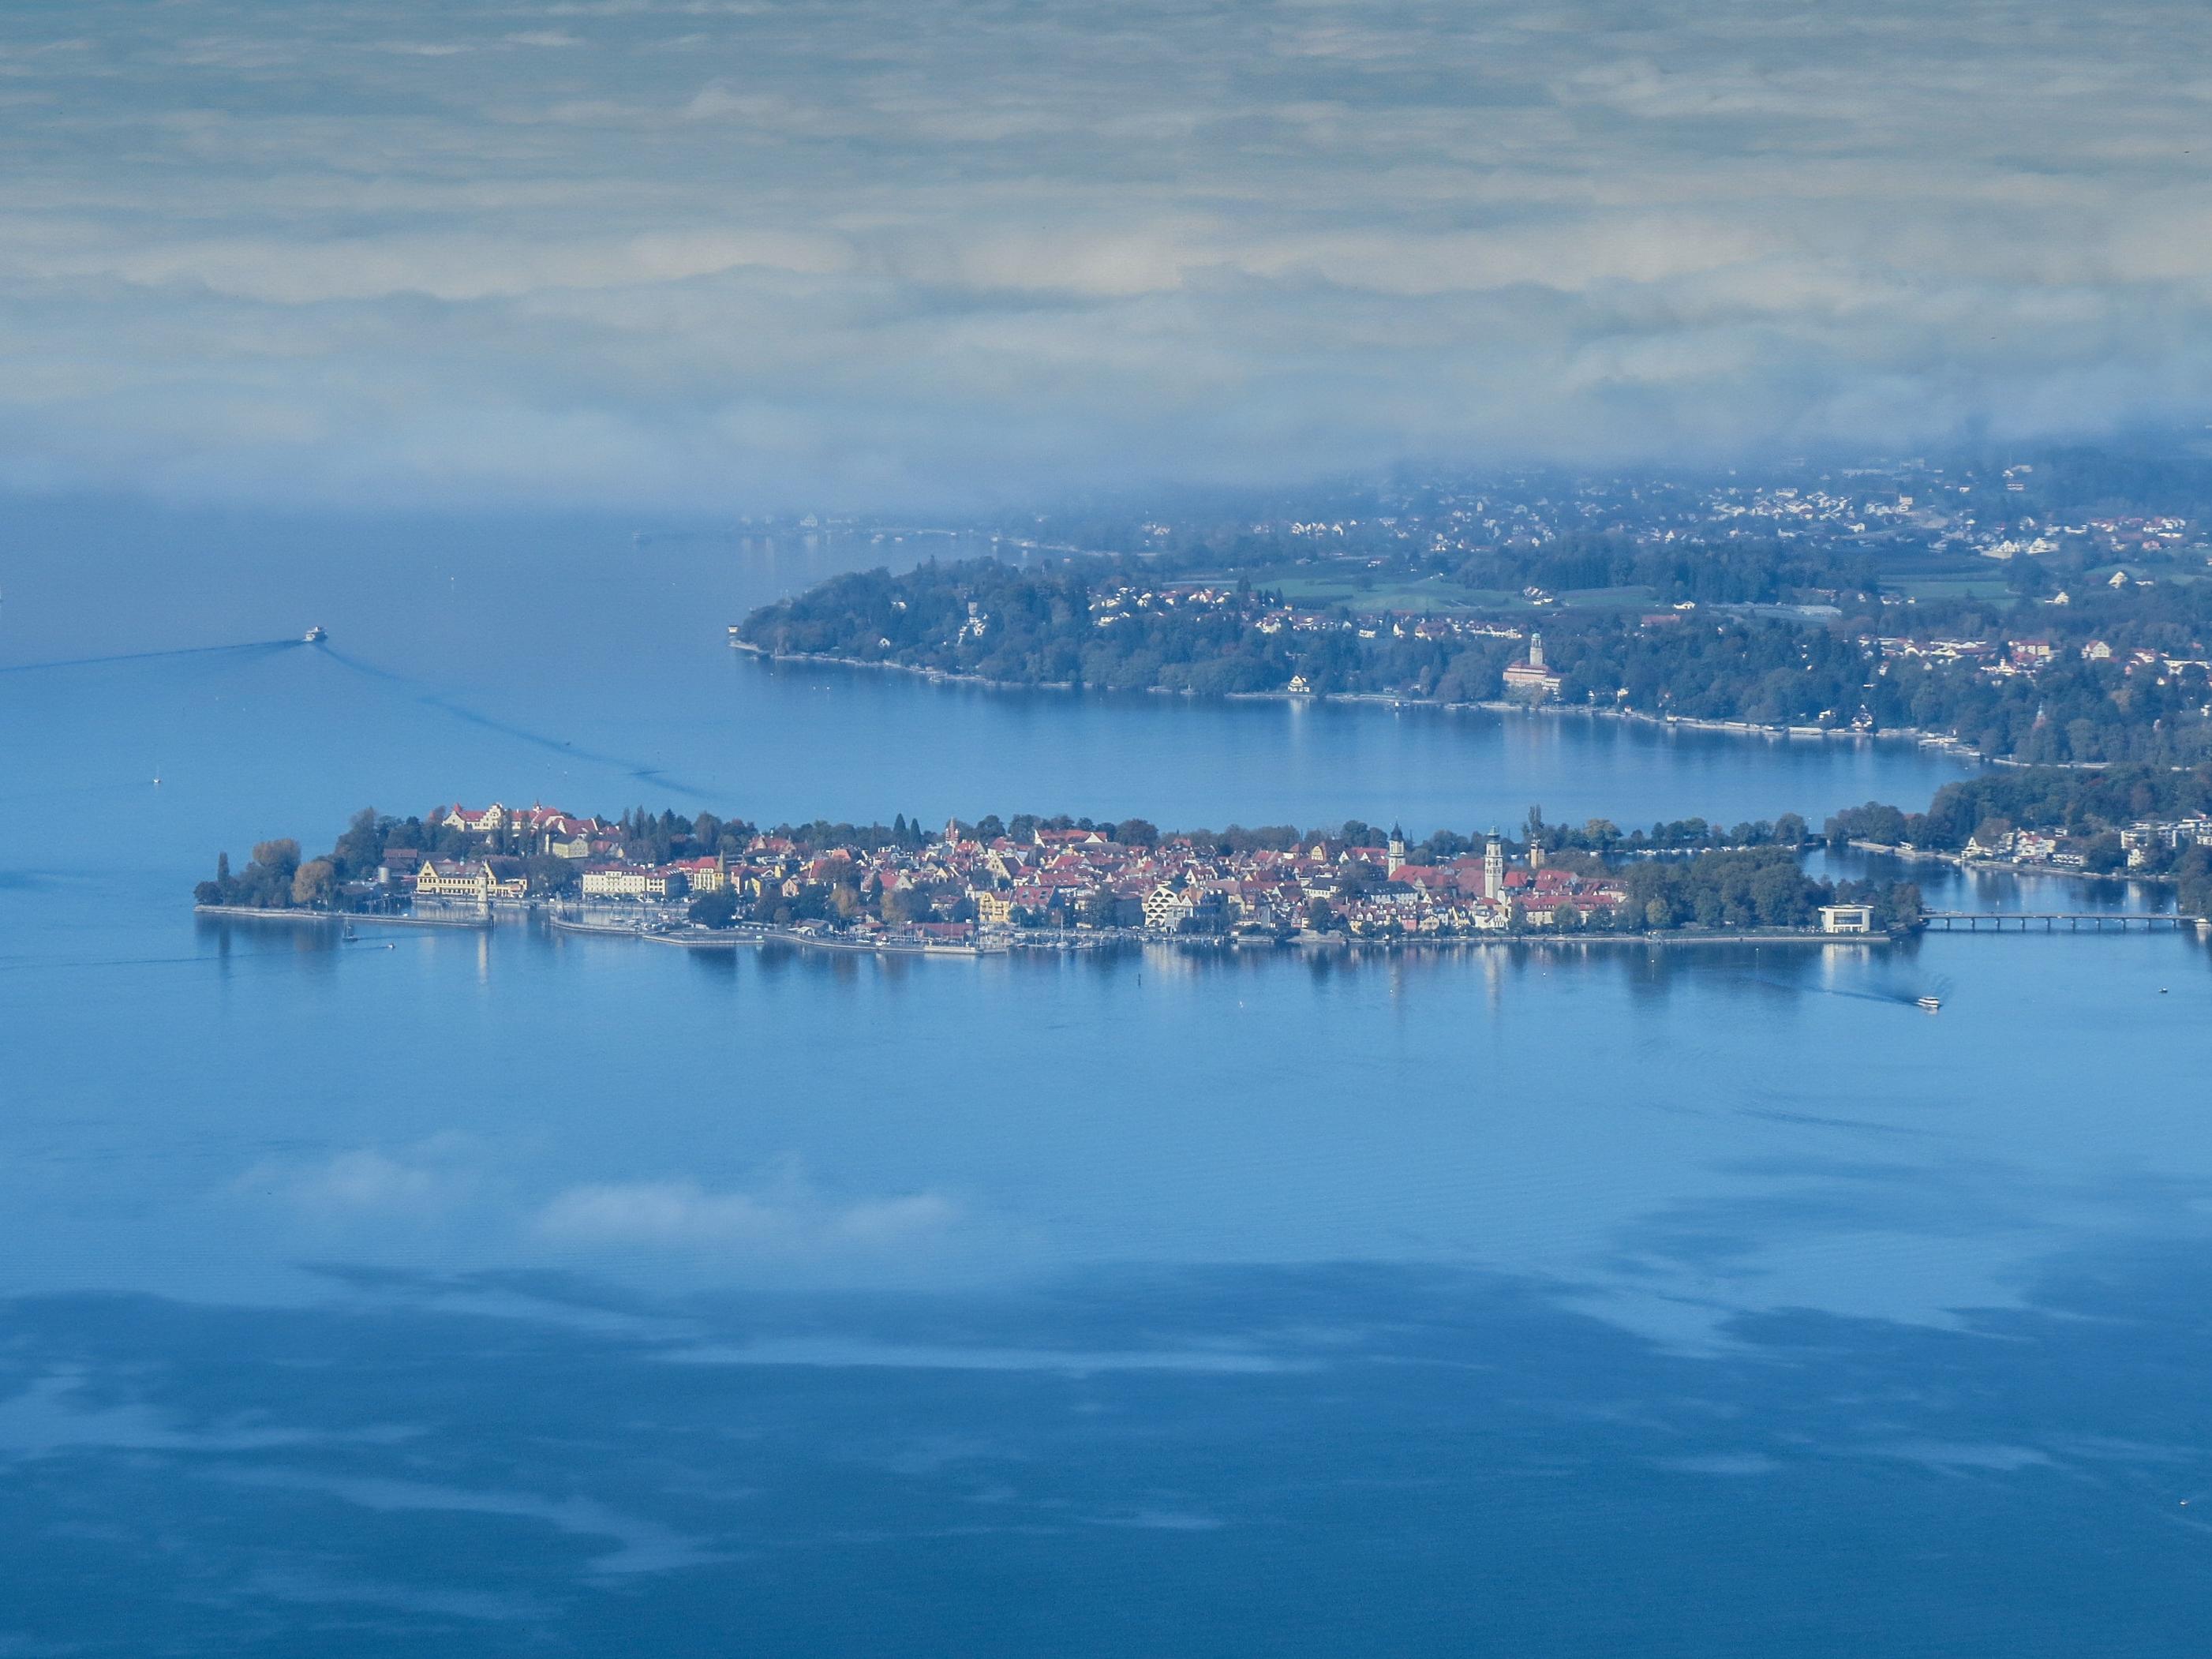 File:Blick auf den Bodensee und die Stadtinsel Lindau vom